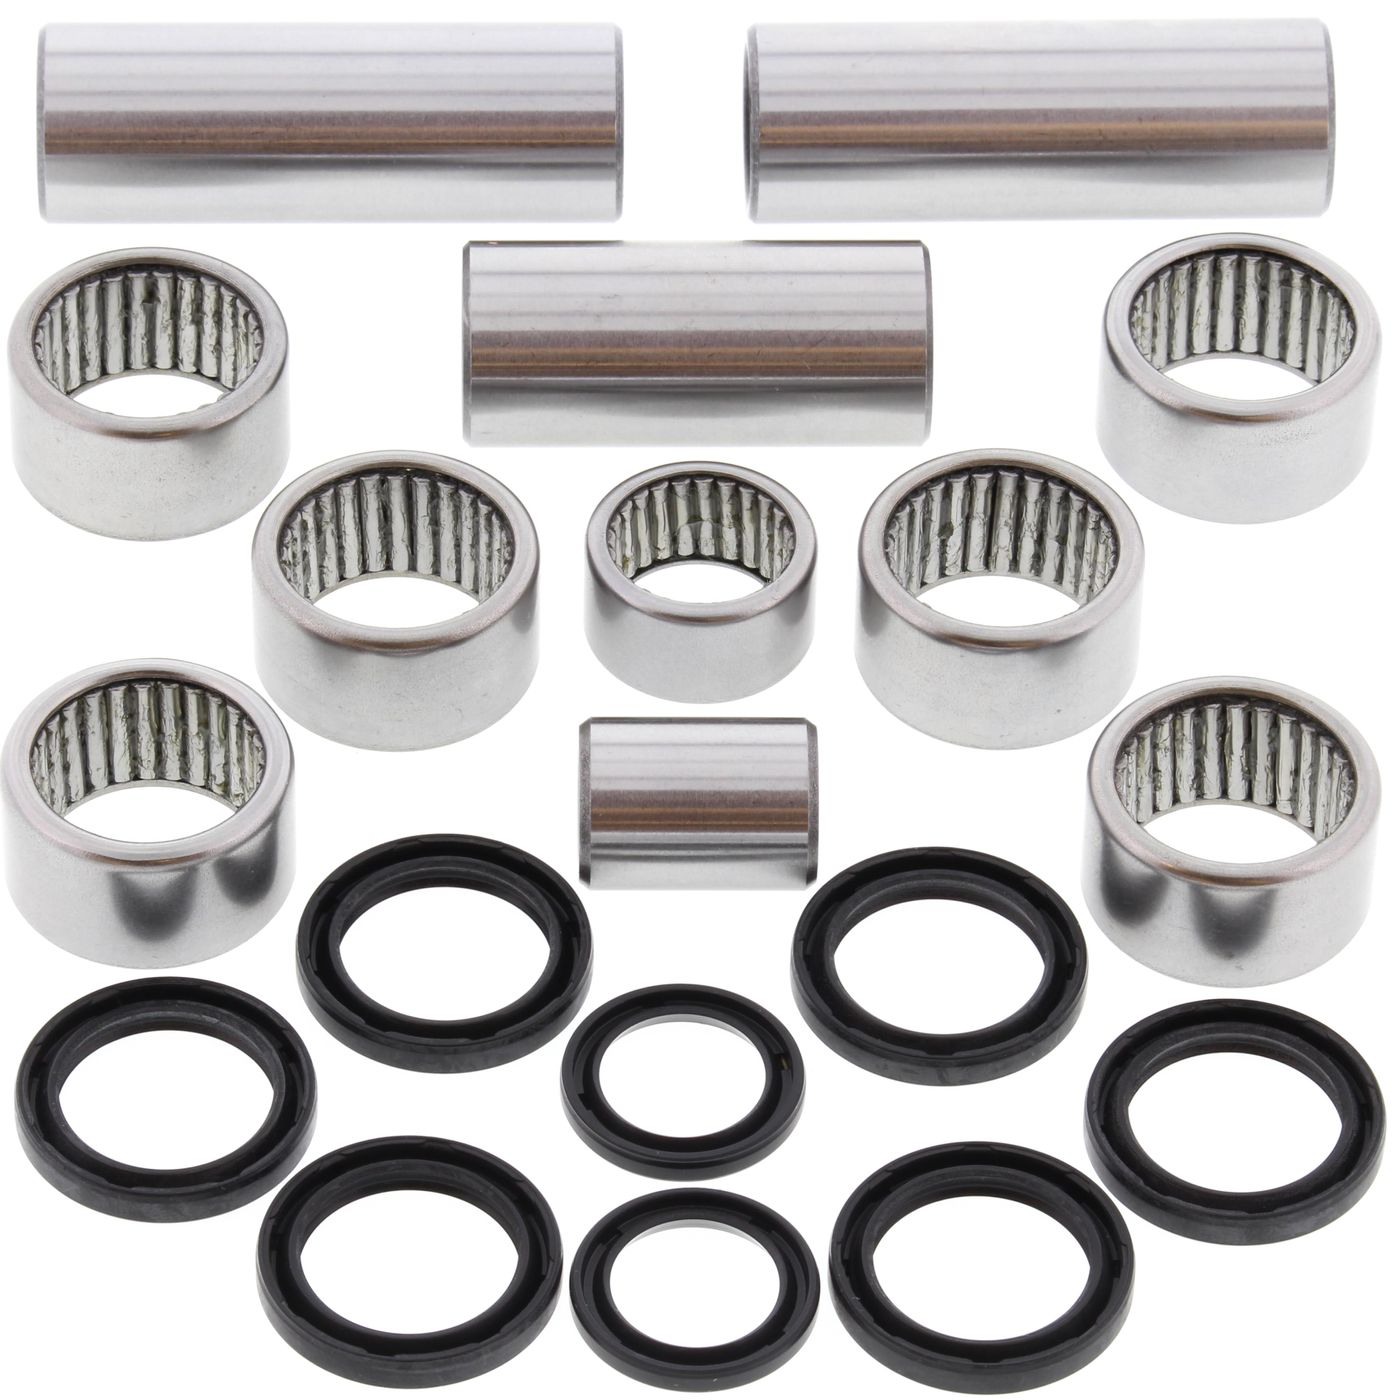 wrp shock linkage bearing kits - WRP271043 image